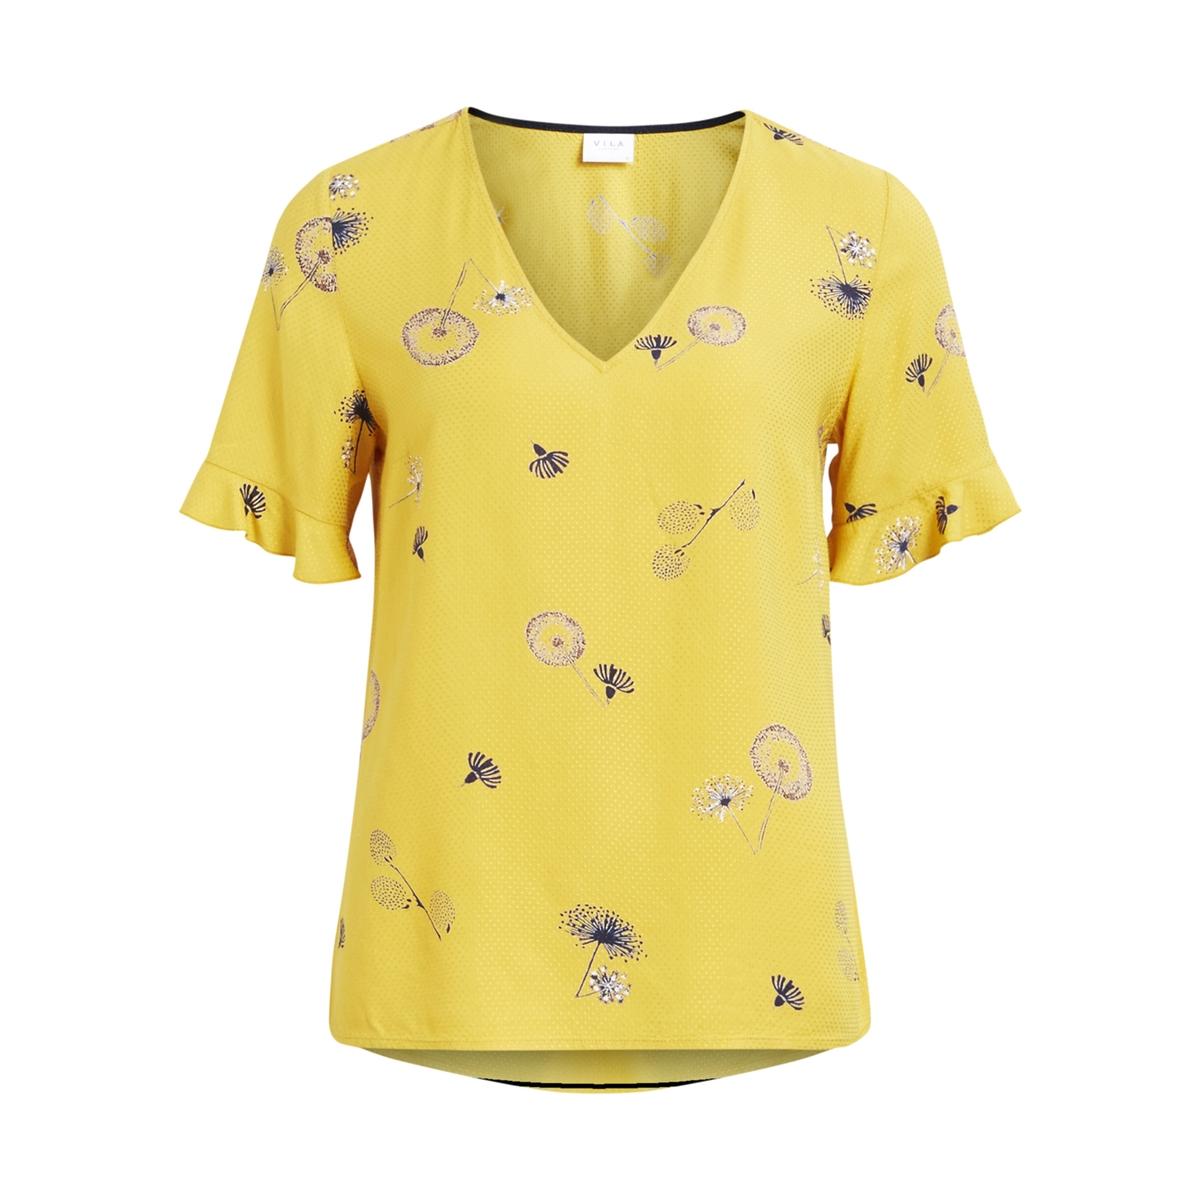 Блузка с V-образным вырезом, рисунком и короткими рукавамиДетали •  Короткие рукава •   V-образный вырез •  Рисунок-принтСостав и уход •  100% вискоза •  Следуйте советам по уходу, указанным на этикетке<br><br>Цвет: желтый шафран<br>Размер: M.XL